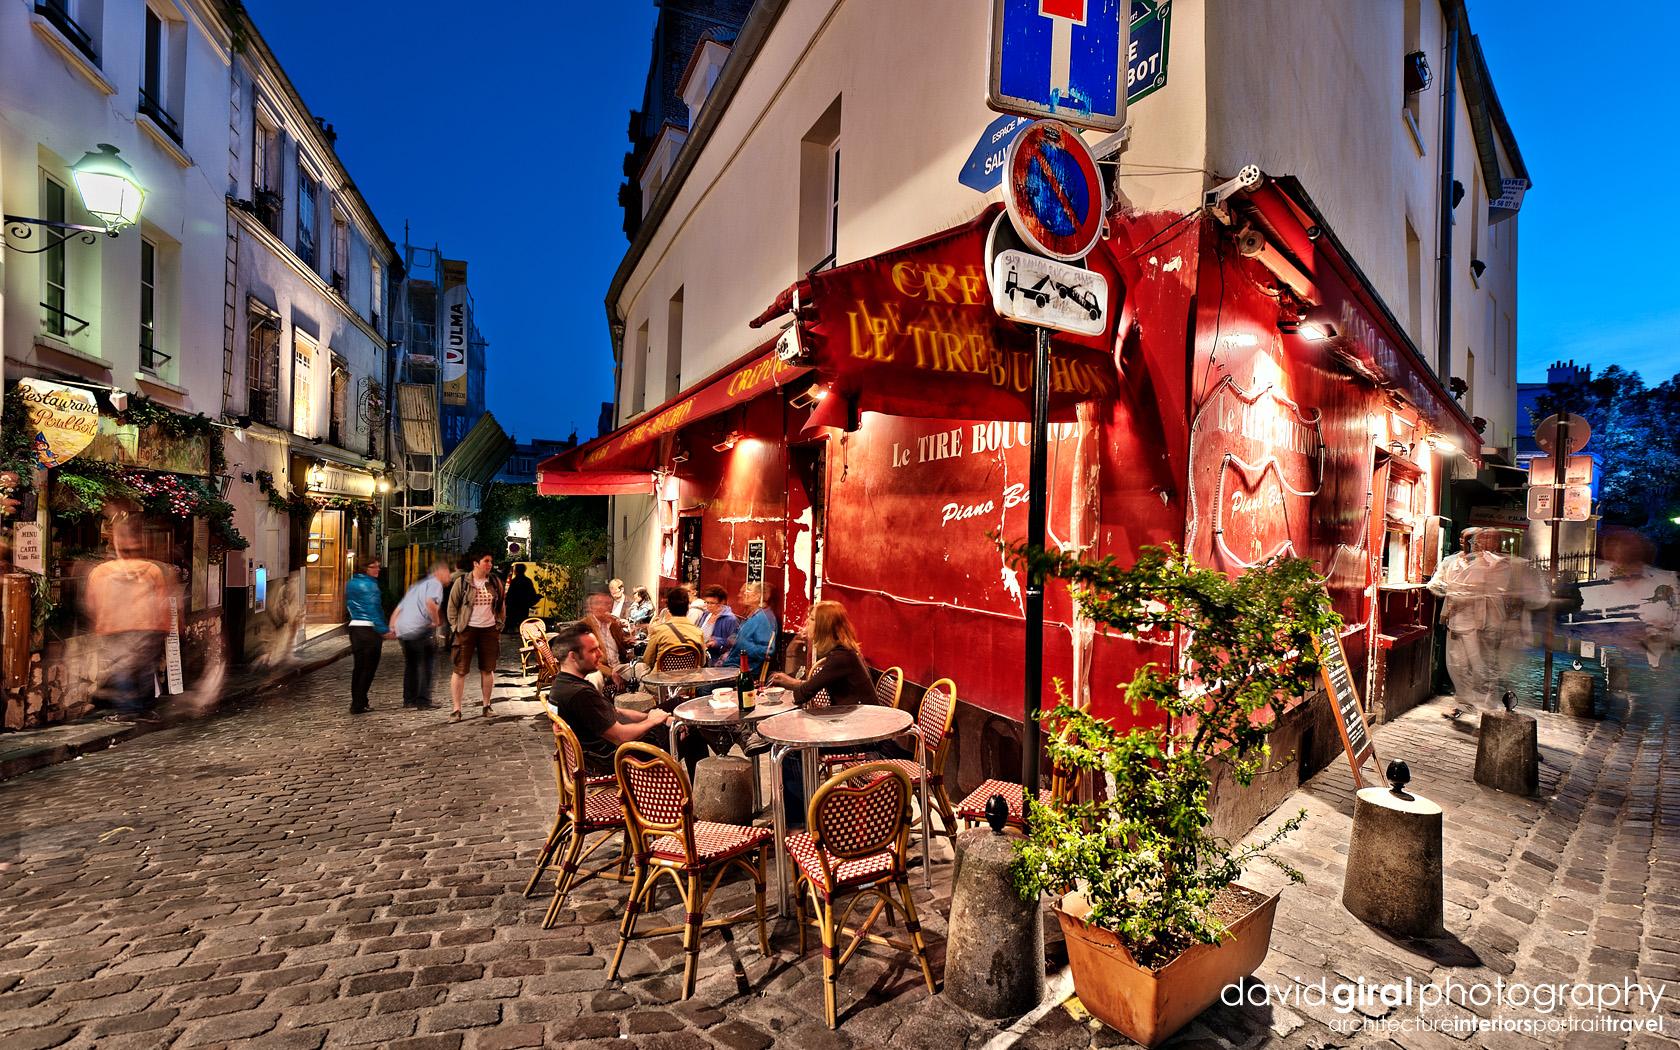 Restaurant Le Cafe De La Place